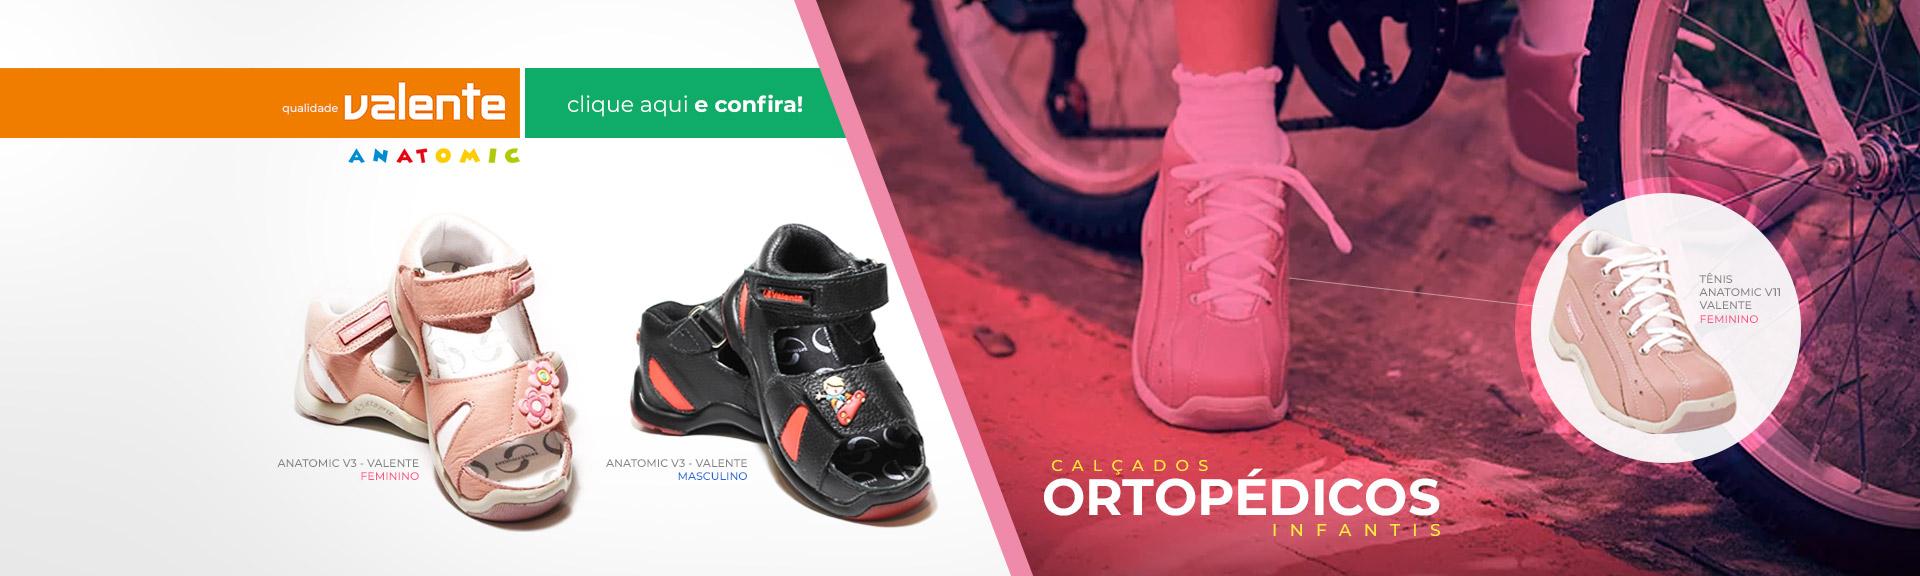 0f7b54300 Bota ortopédica, tênis ortopédico e produtos cirúrgicos. Compre agora!  Copmed